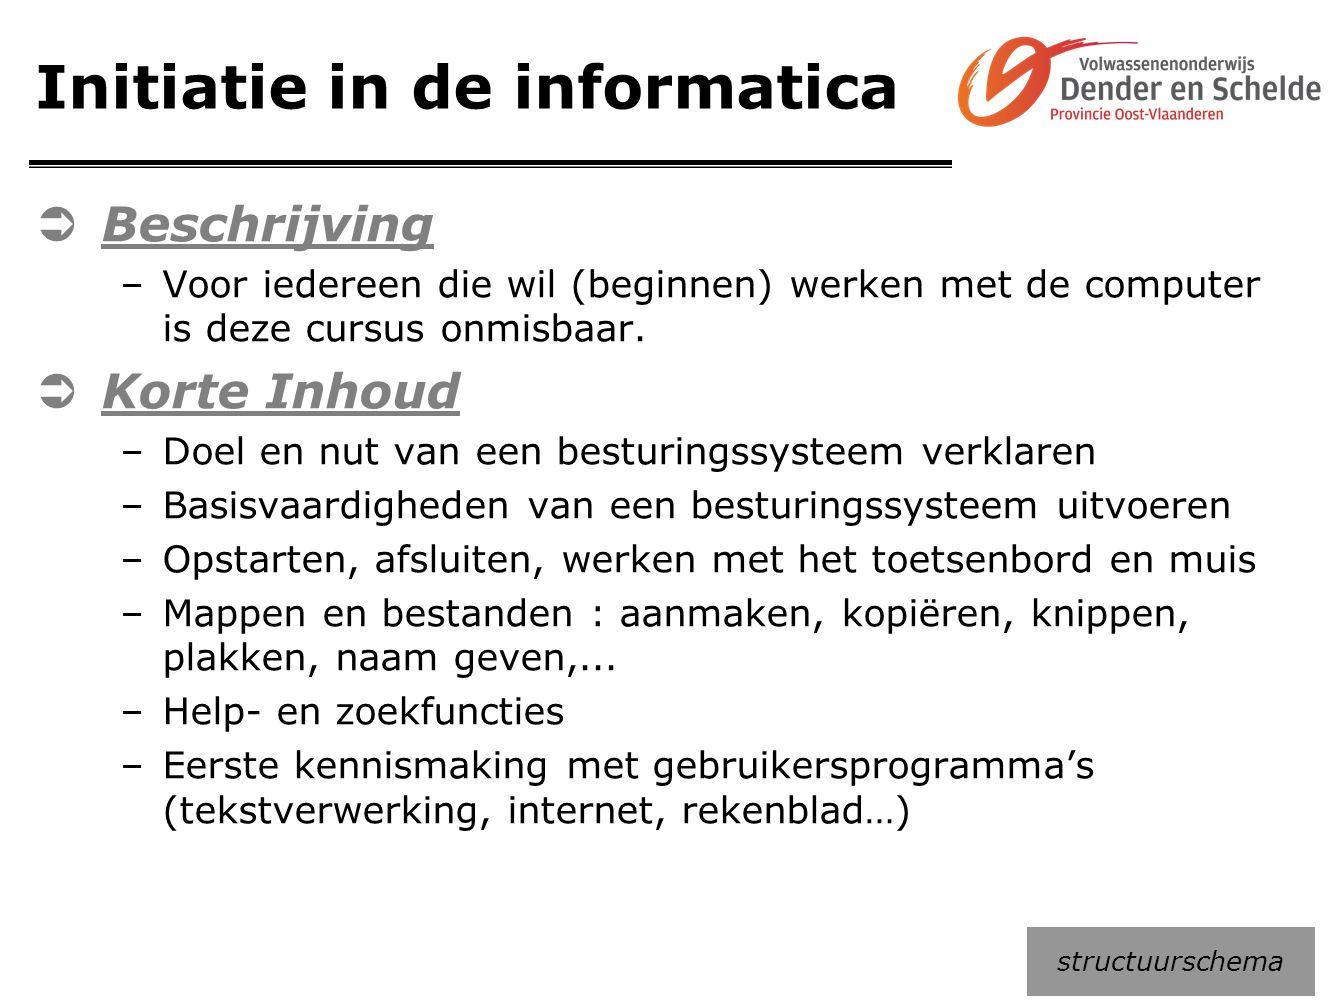 Initiatie in de informatica